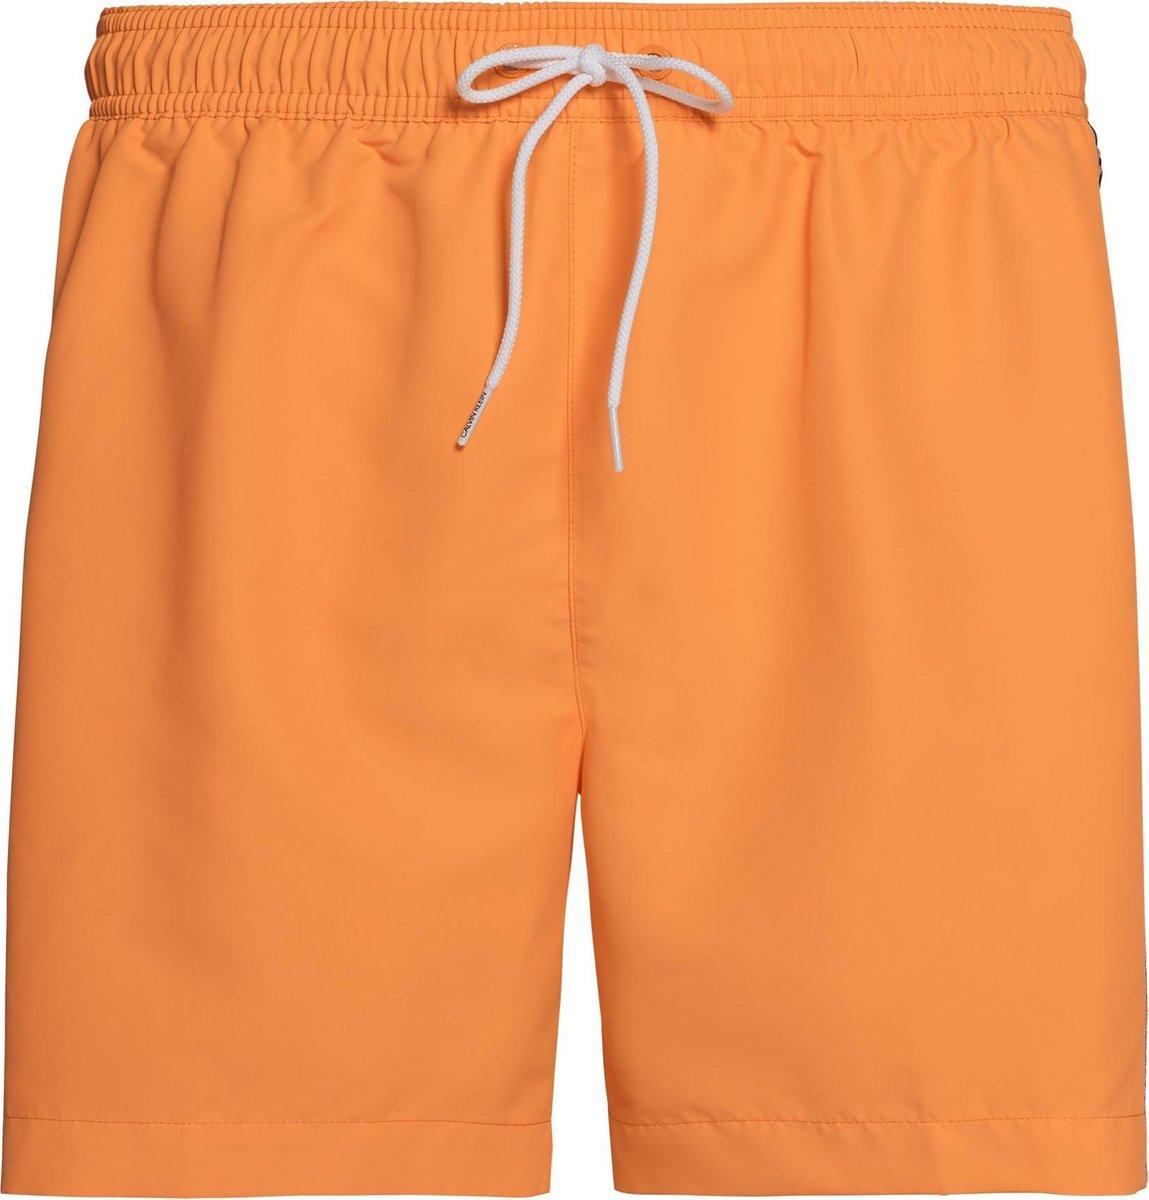 Calvin Klein Zwembroek Maat L Mannen oranje